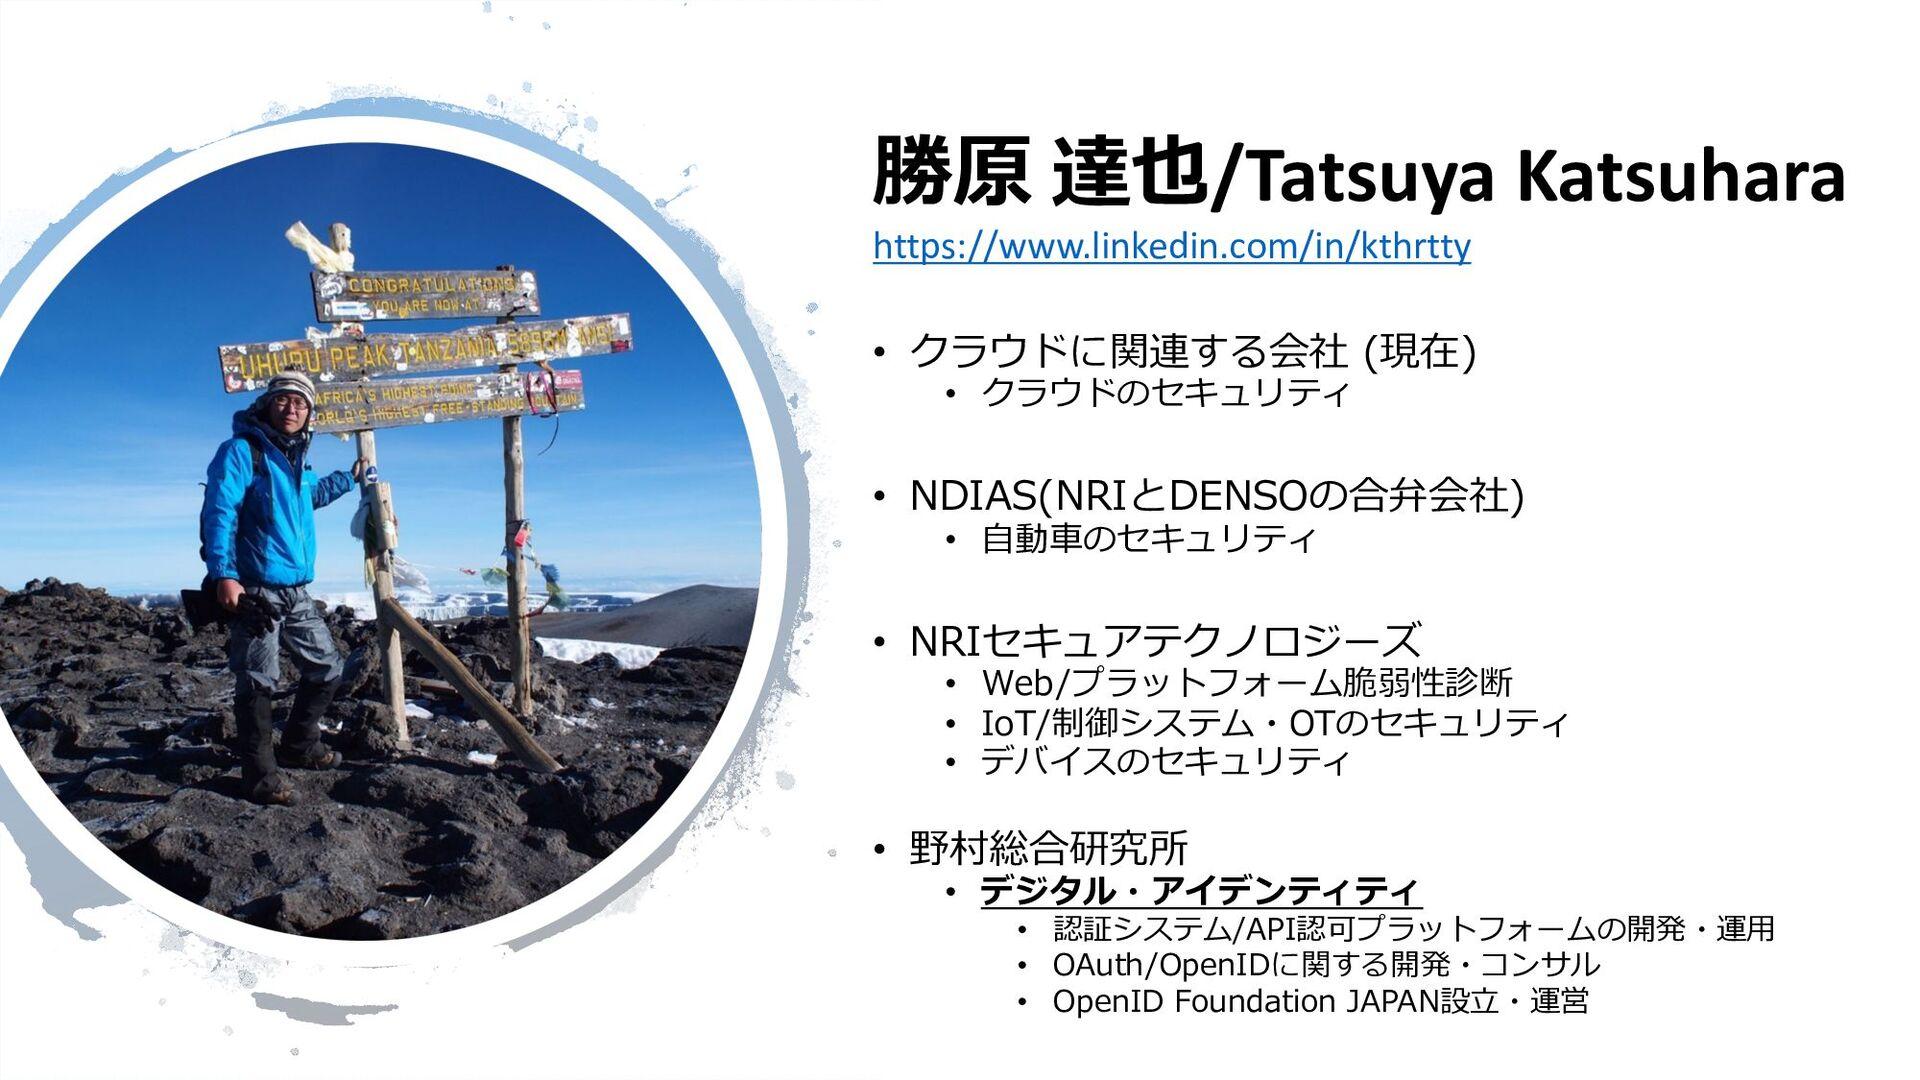 勝原 達也/Tatsuya Katsuhara https://www.linkedin.co...